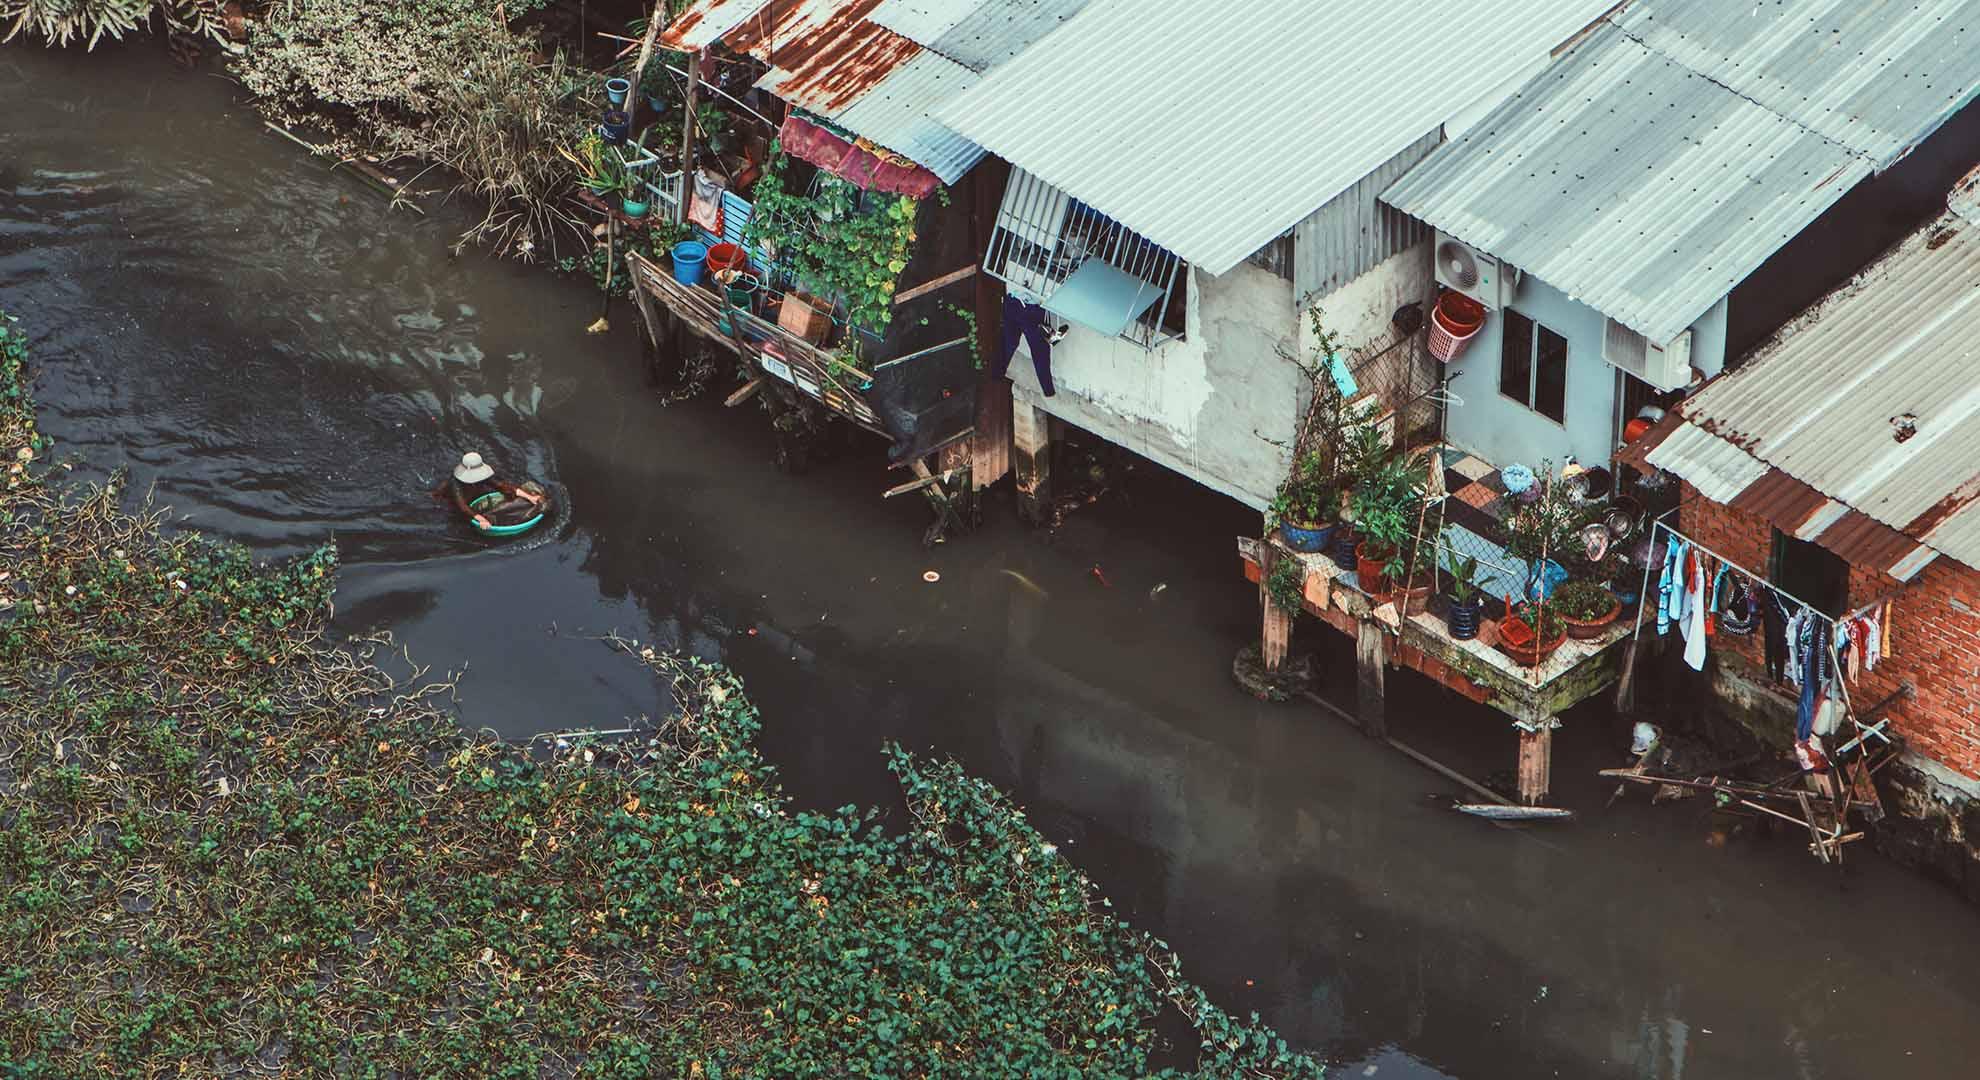 La ciudad de Ho Chi Minh, en Vietnam, tras sufrir inundaciones.